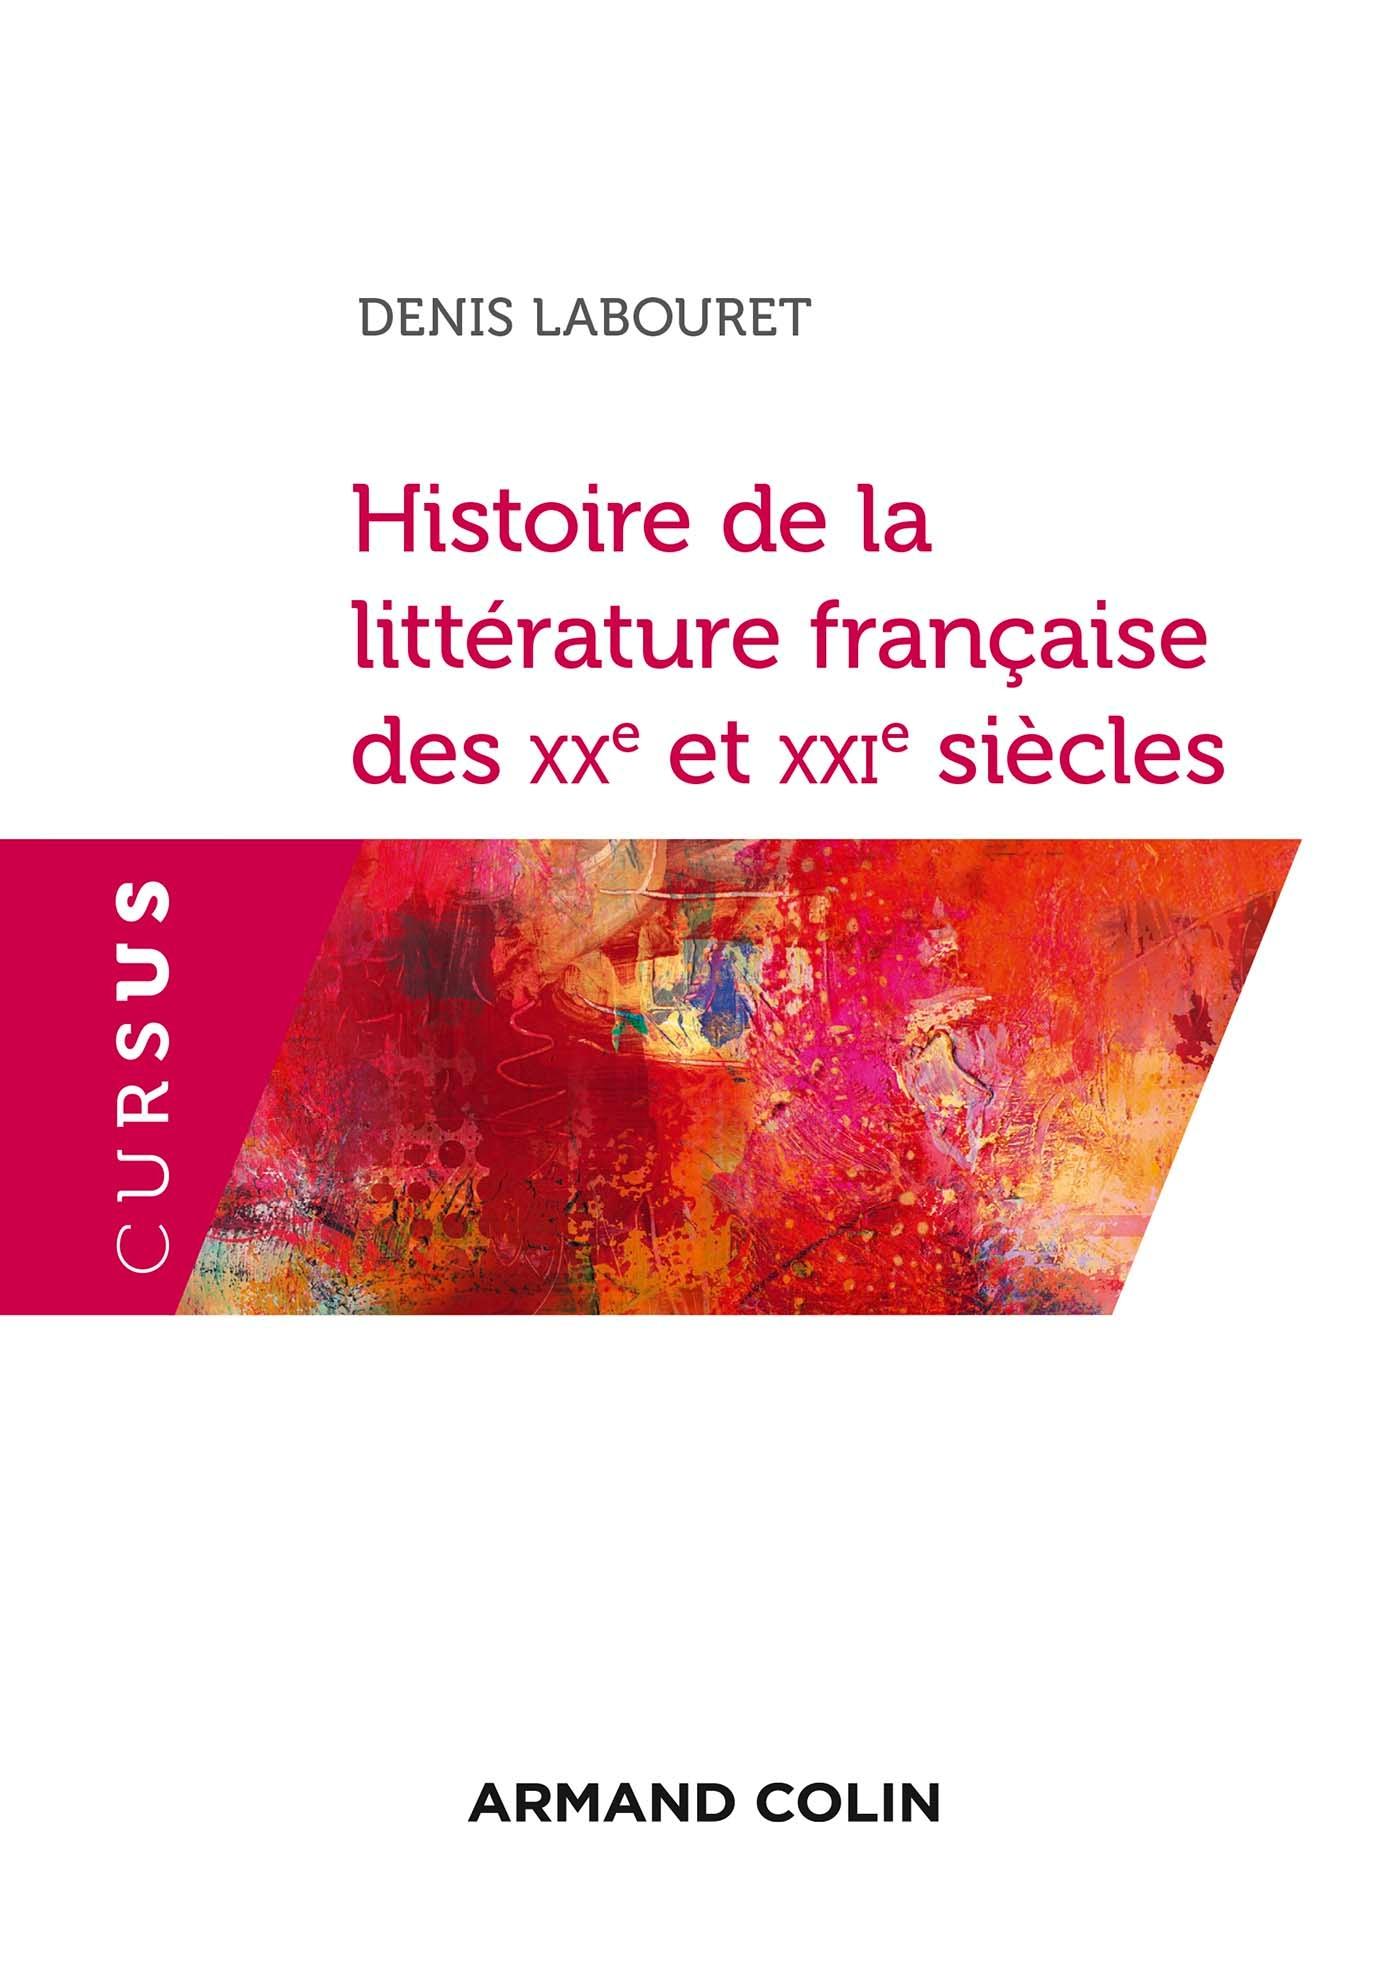 Histoire de la littérature française des XXe et XXIe siècles